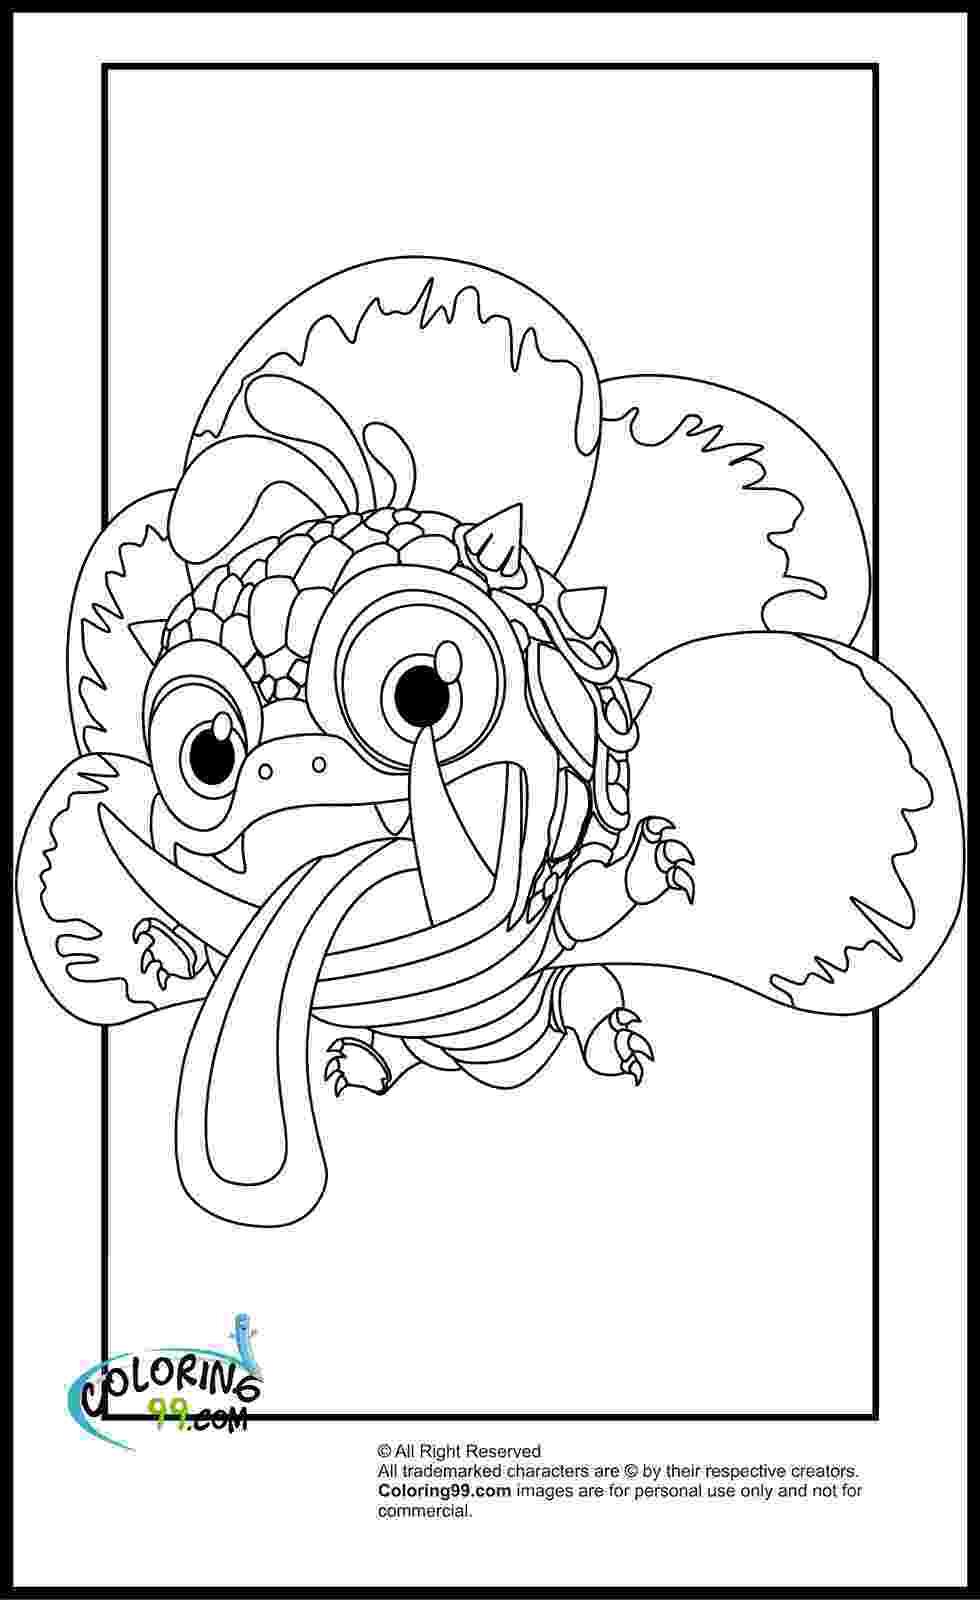 coloring pigs skylanders magic element coloring pages minister coloring coloring pigs